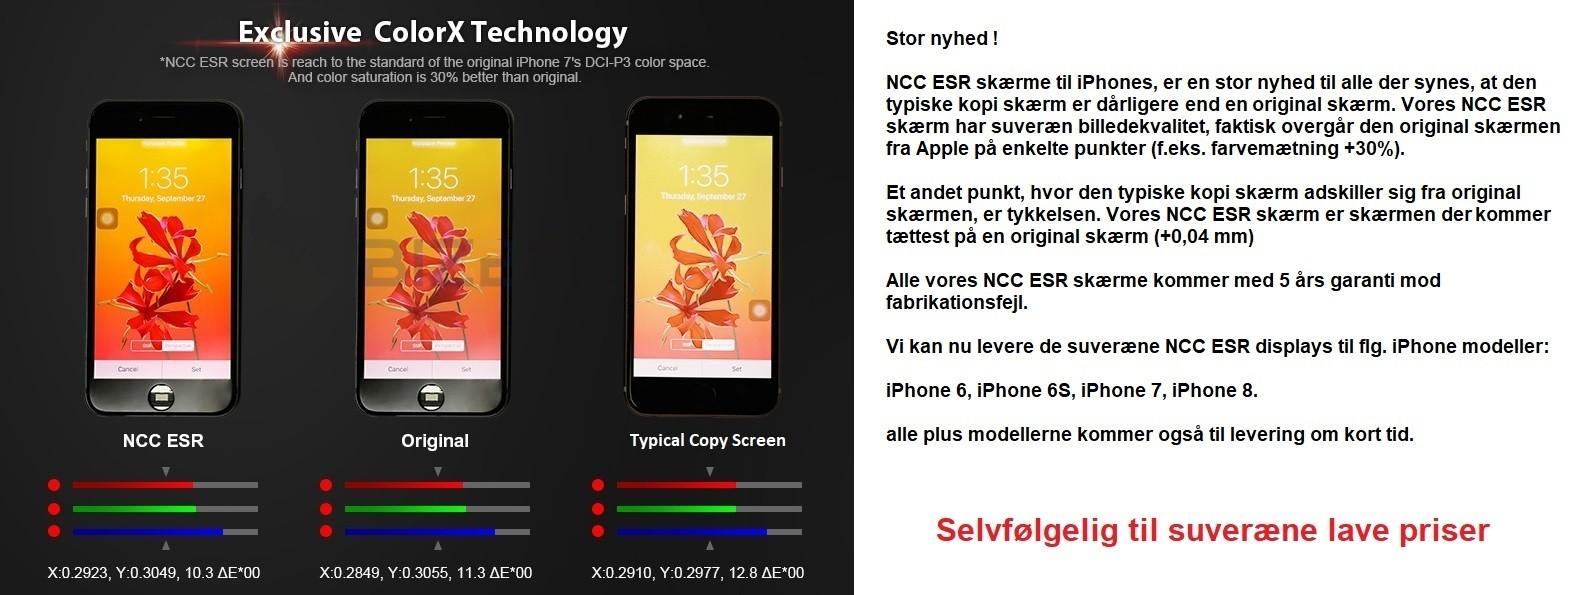 Verdens bedste display til iPhone